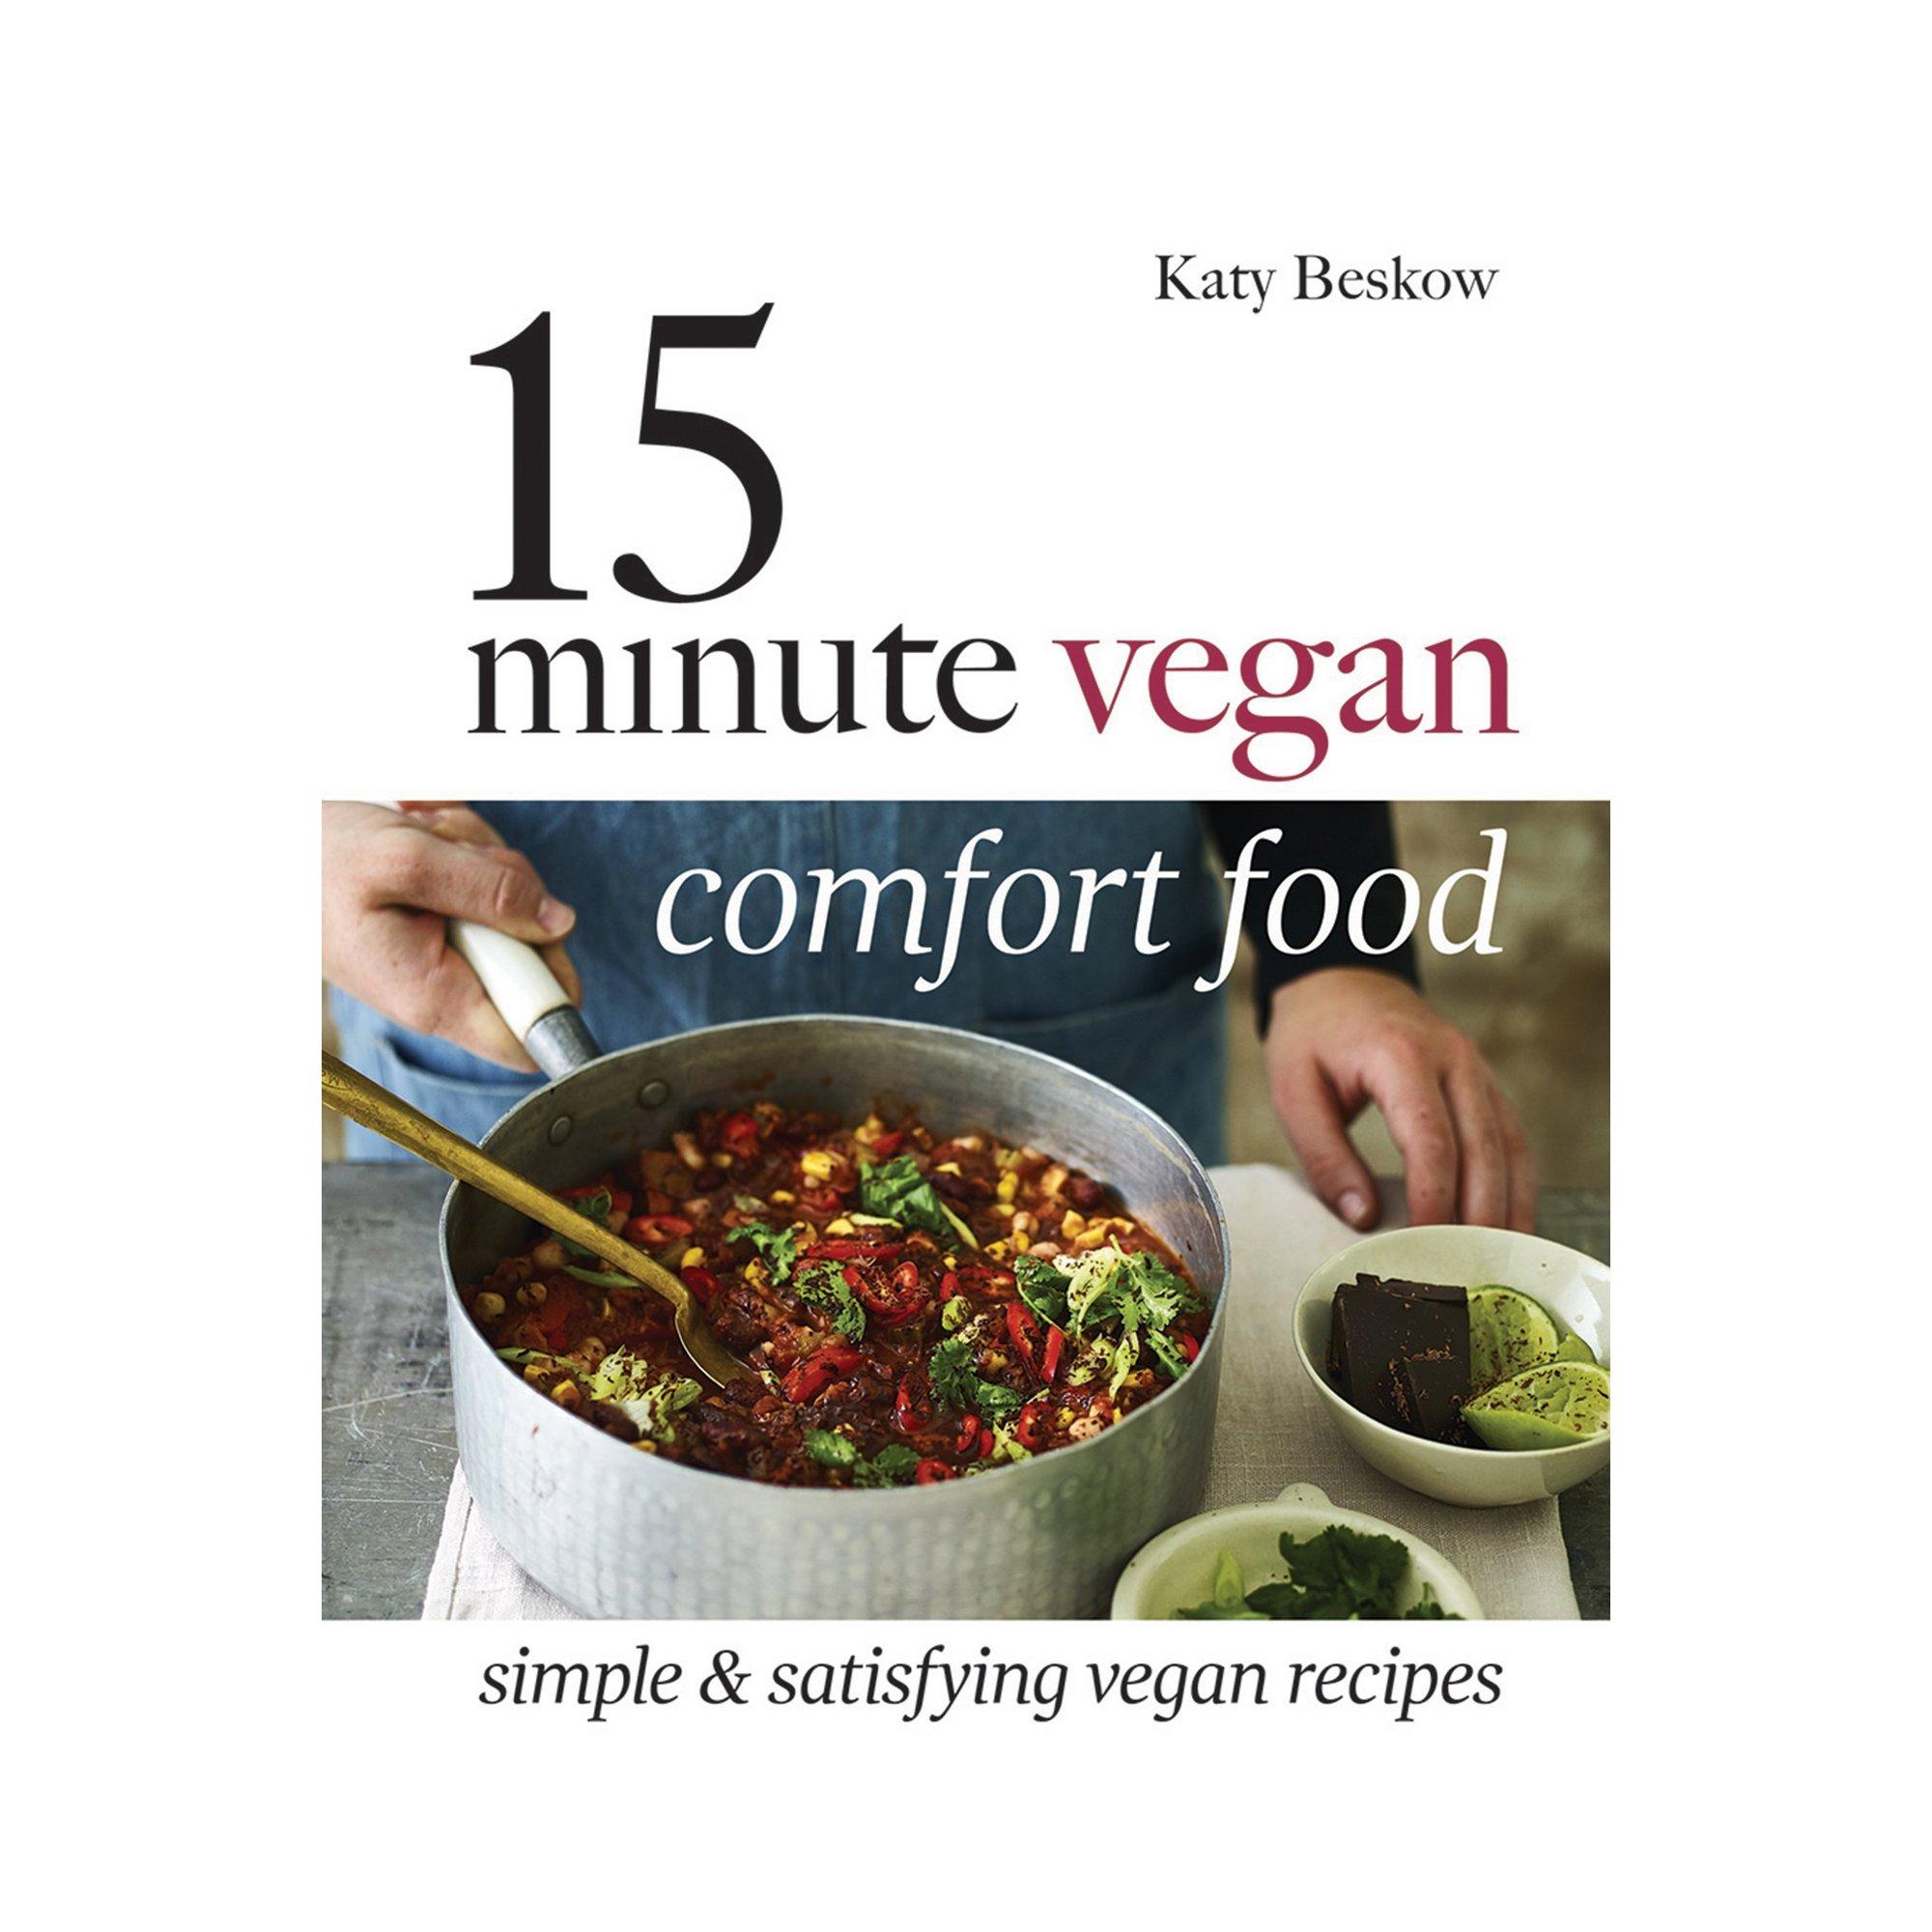 Image of 15 Minute Vegan Comfort Food